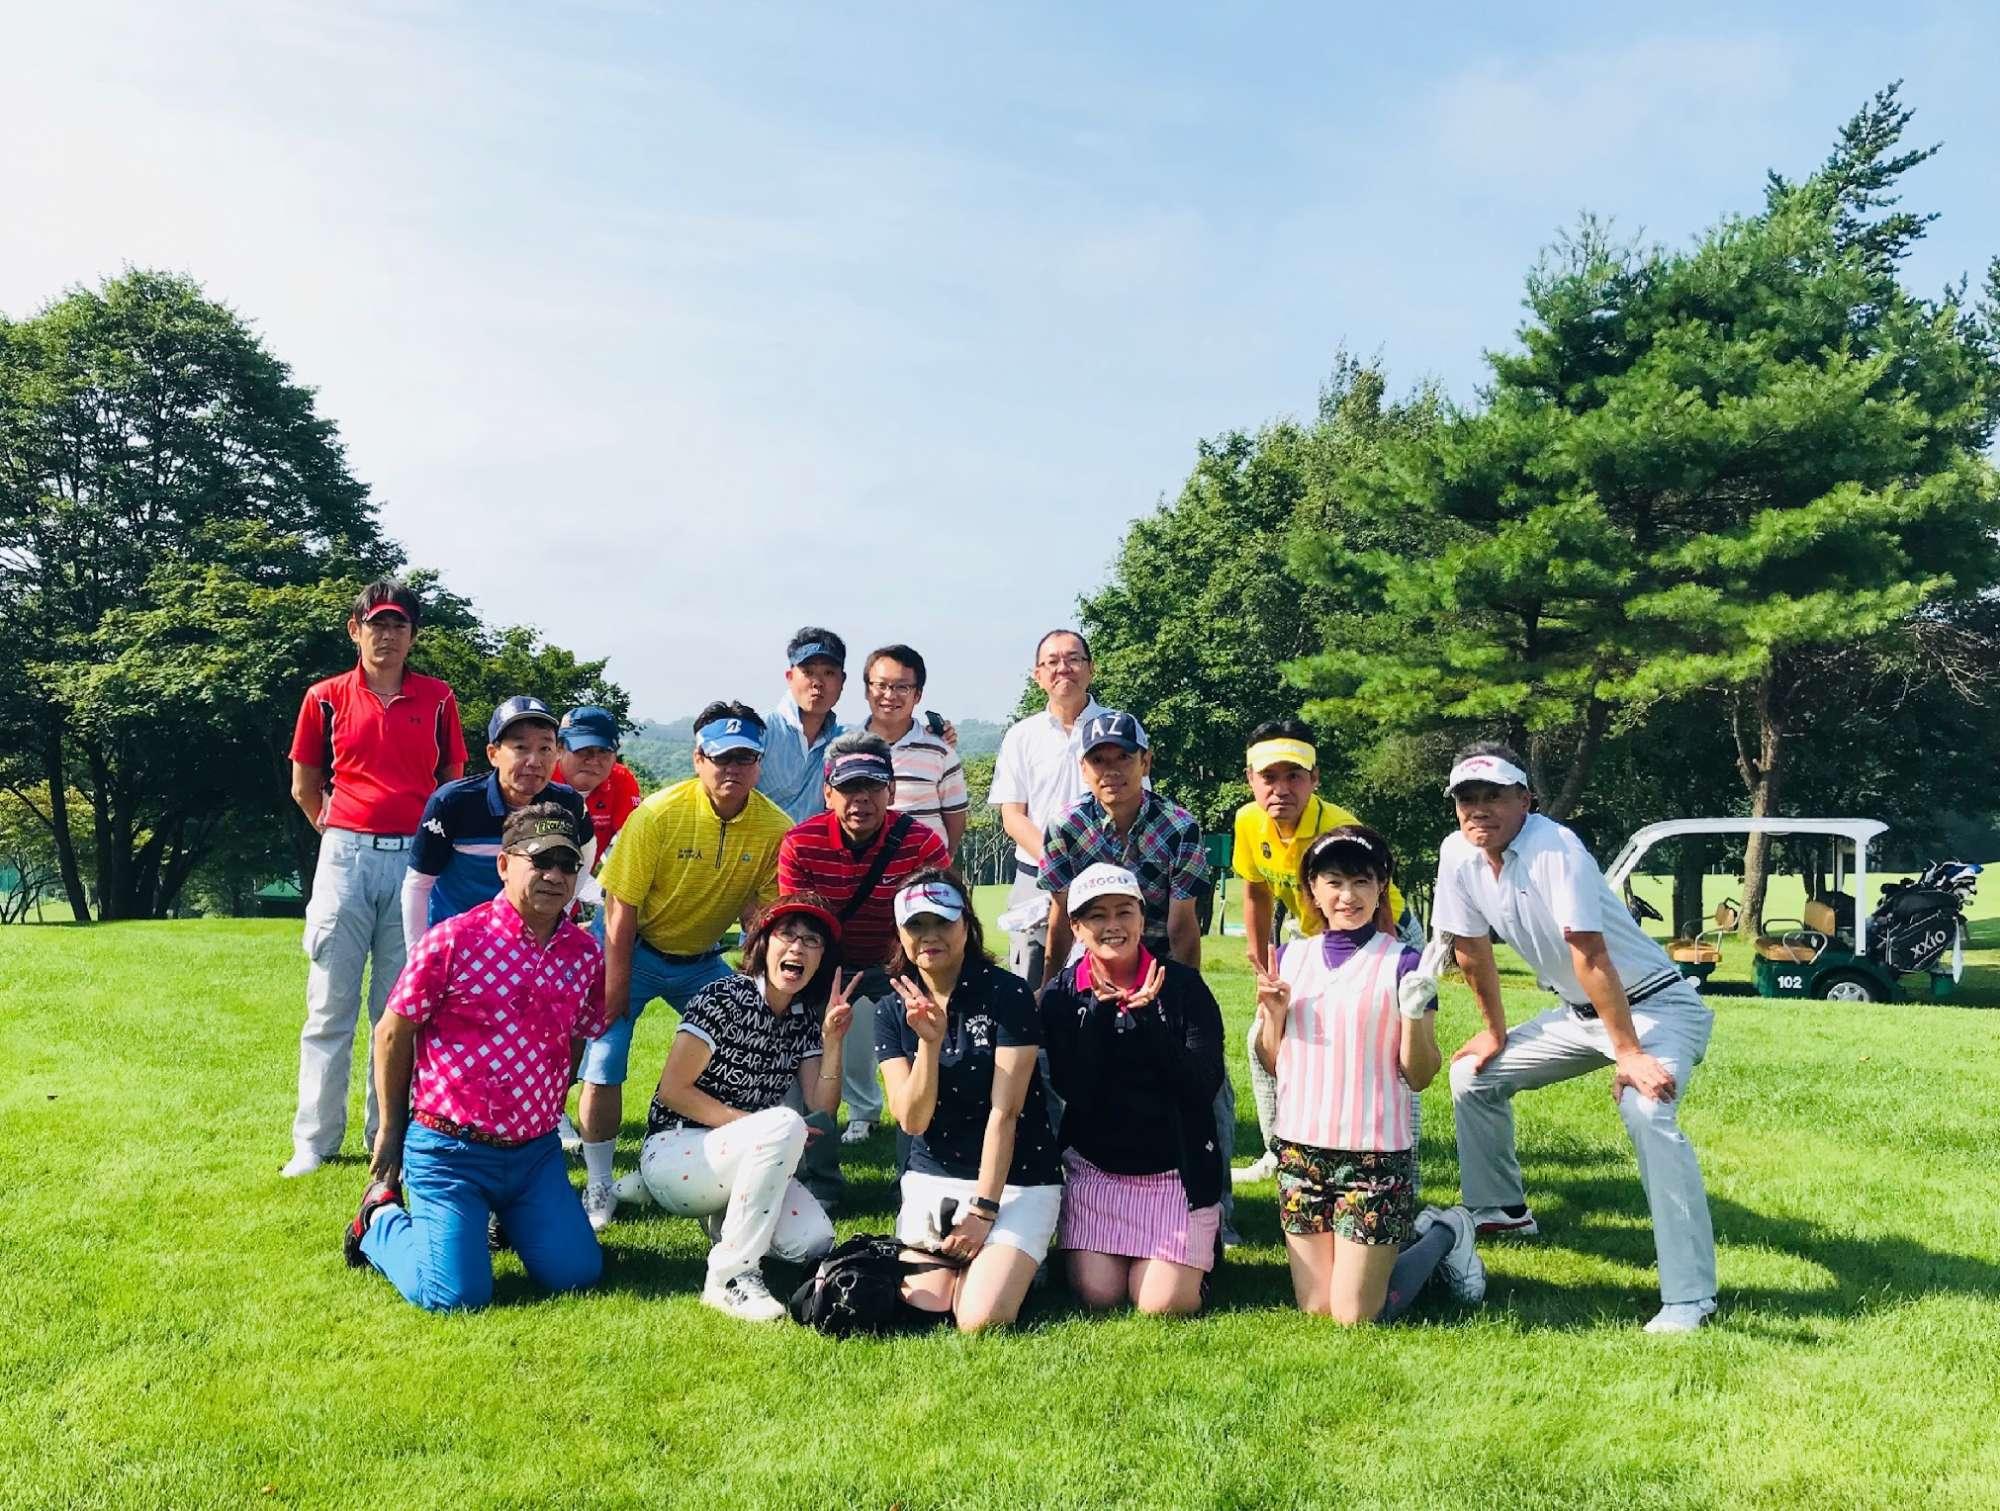 - コミュニケーションをとるために始めたゴルフが、今では完全に自分の趣味に...。コースに出て、2シーズン目で目標のスコア100を切りました。 -